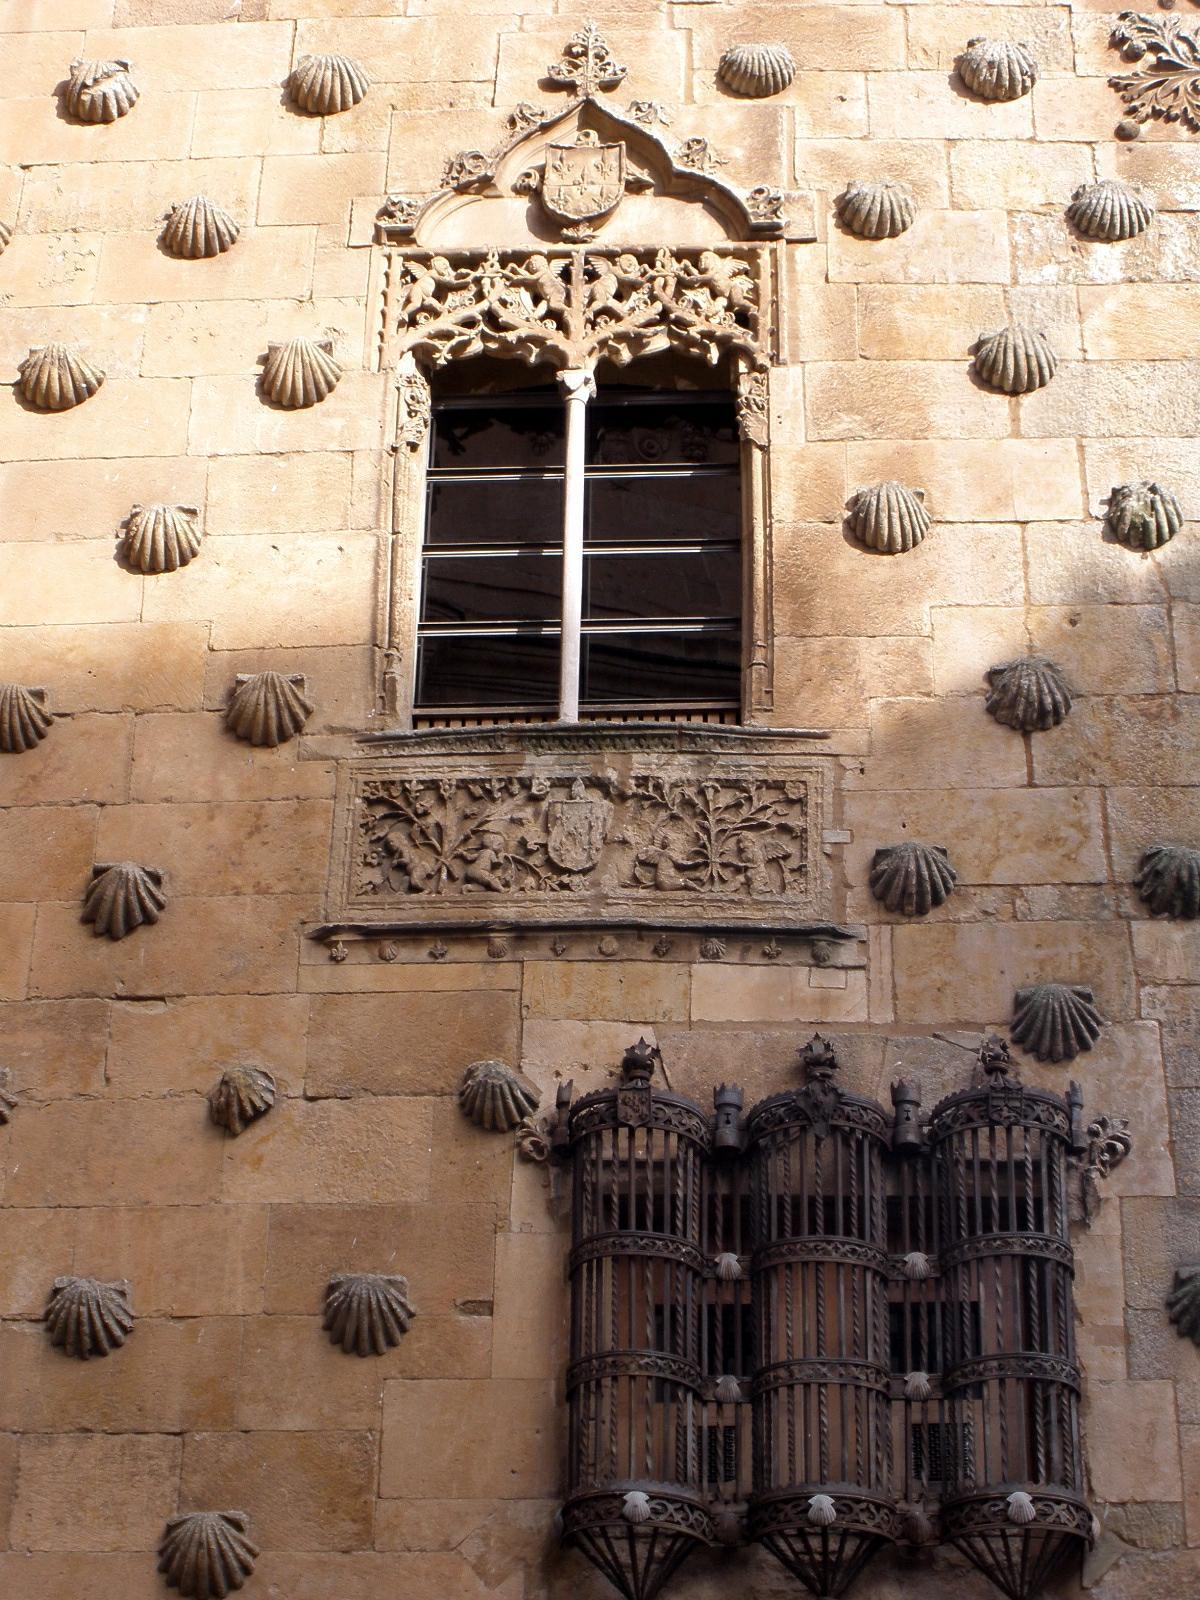 File:Salamanca - Casa de las Conchas 05.jpg